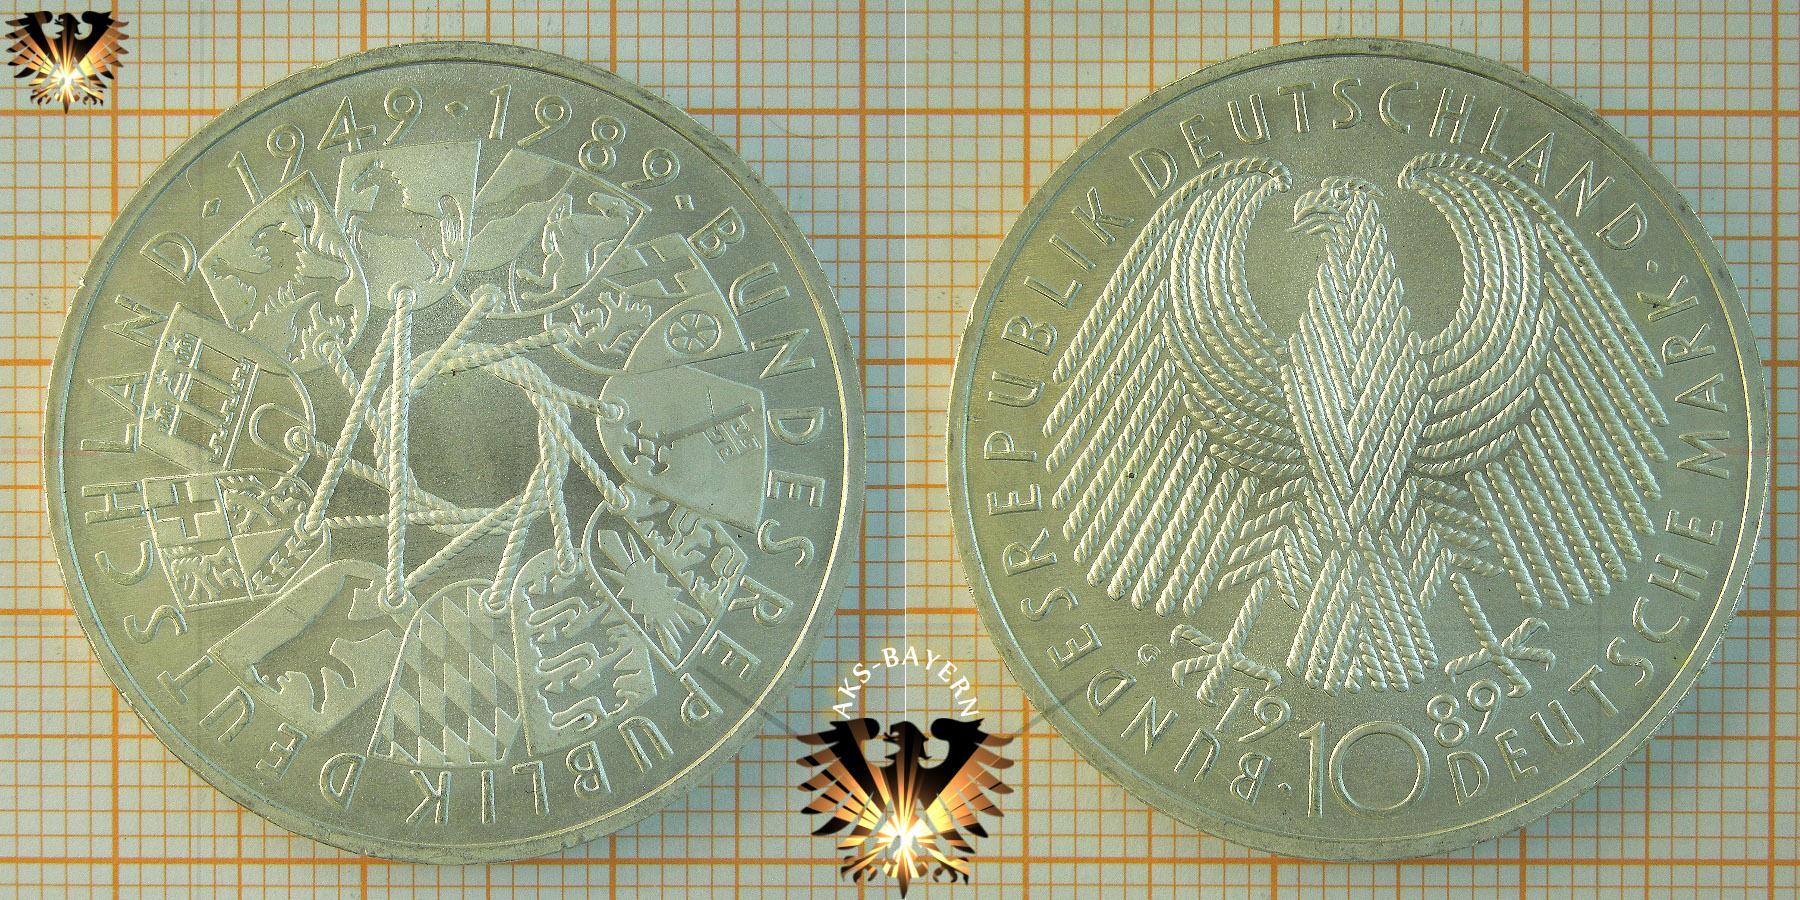 10 Dm Brd 1989 G Bundesrepublik Deutschland 1949 1989